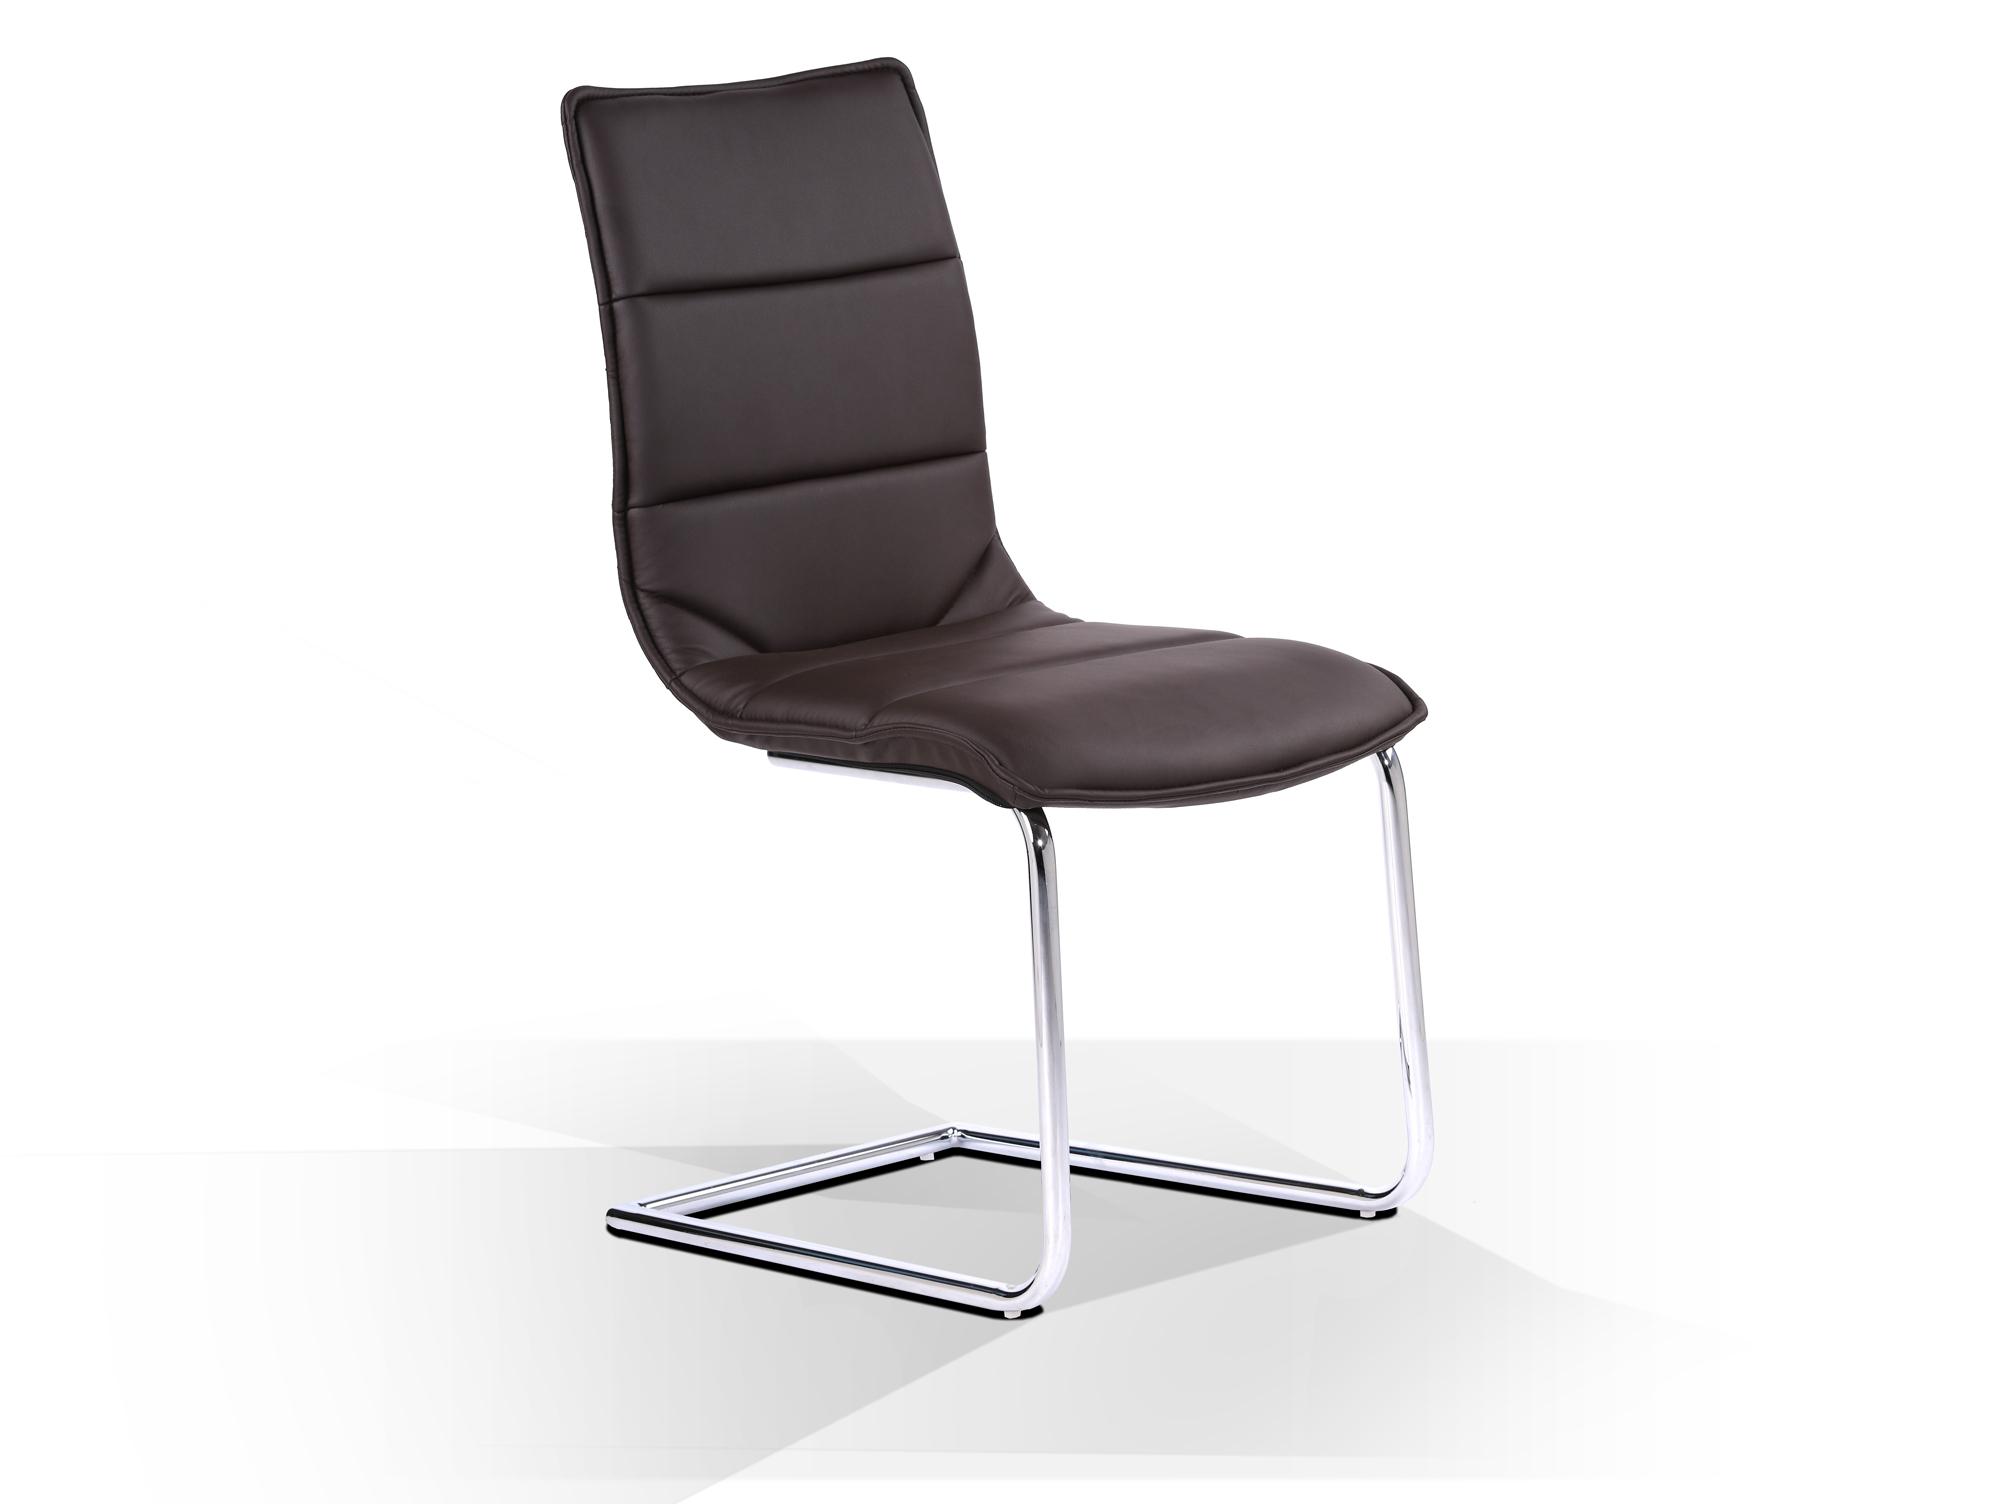 Esszimmerstuhl stuhl freischwinger schwingstuhl milano for Design stuhl milano echtleder